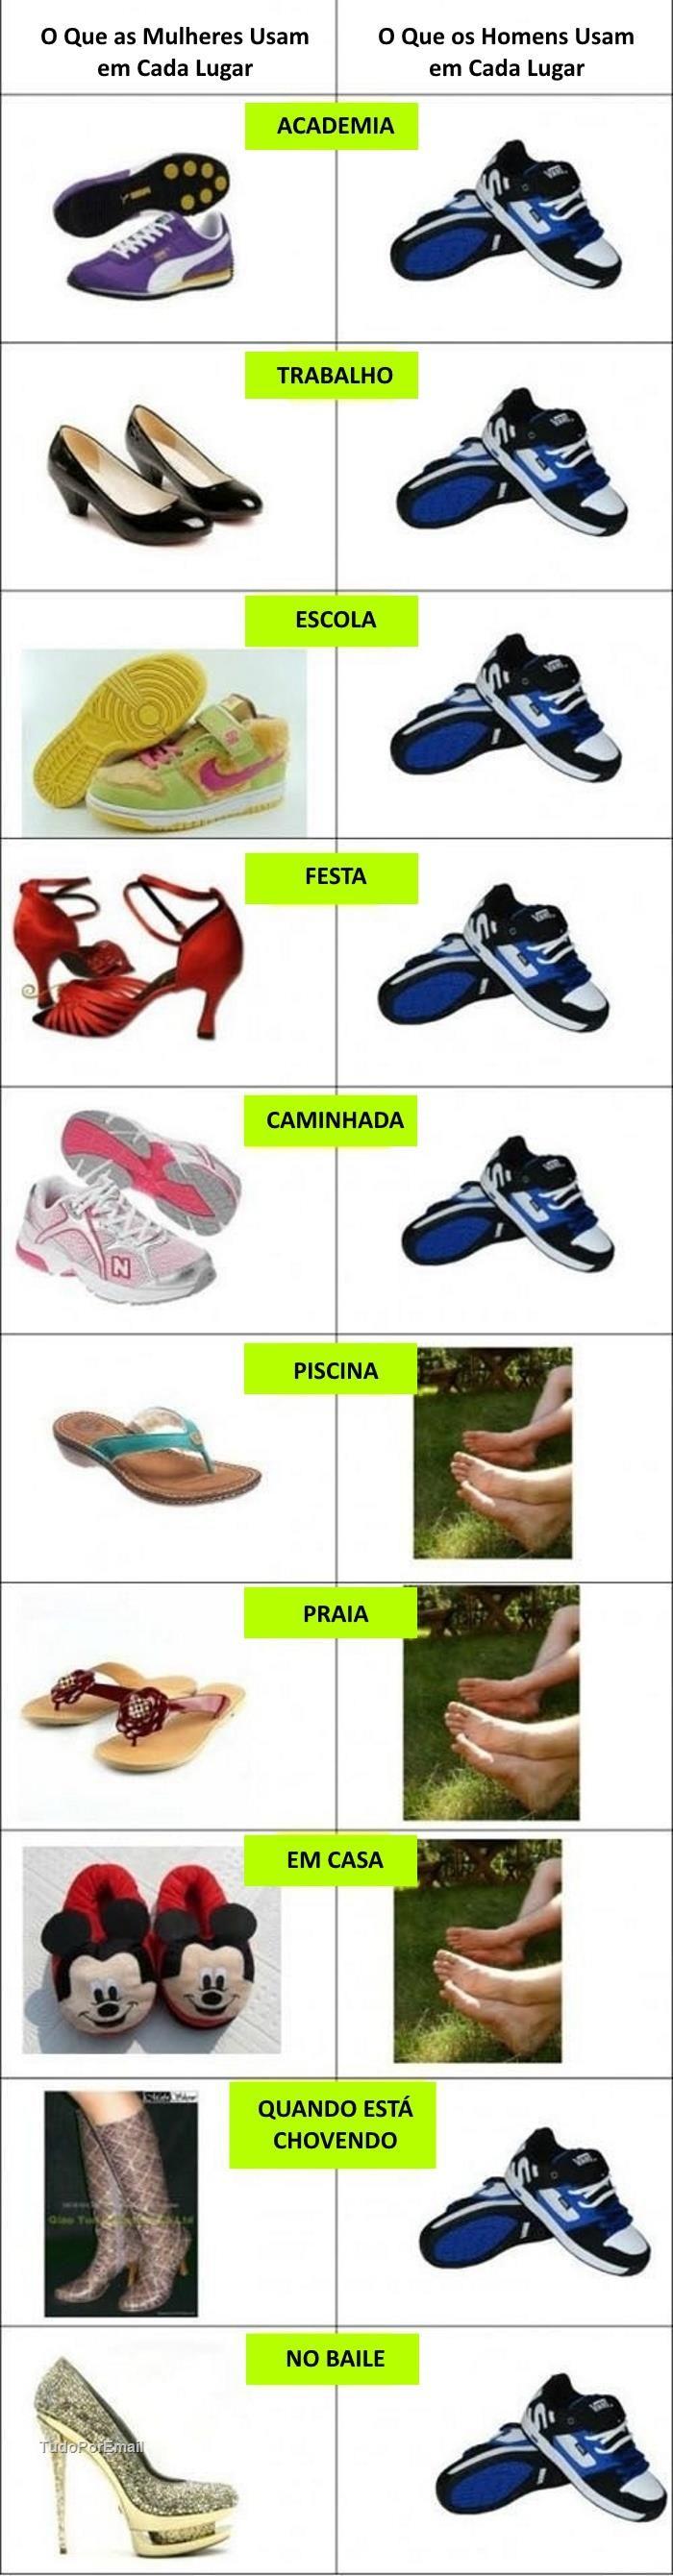 As Pequenas Diferenças Entre Homens e Mulheres